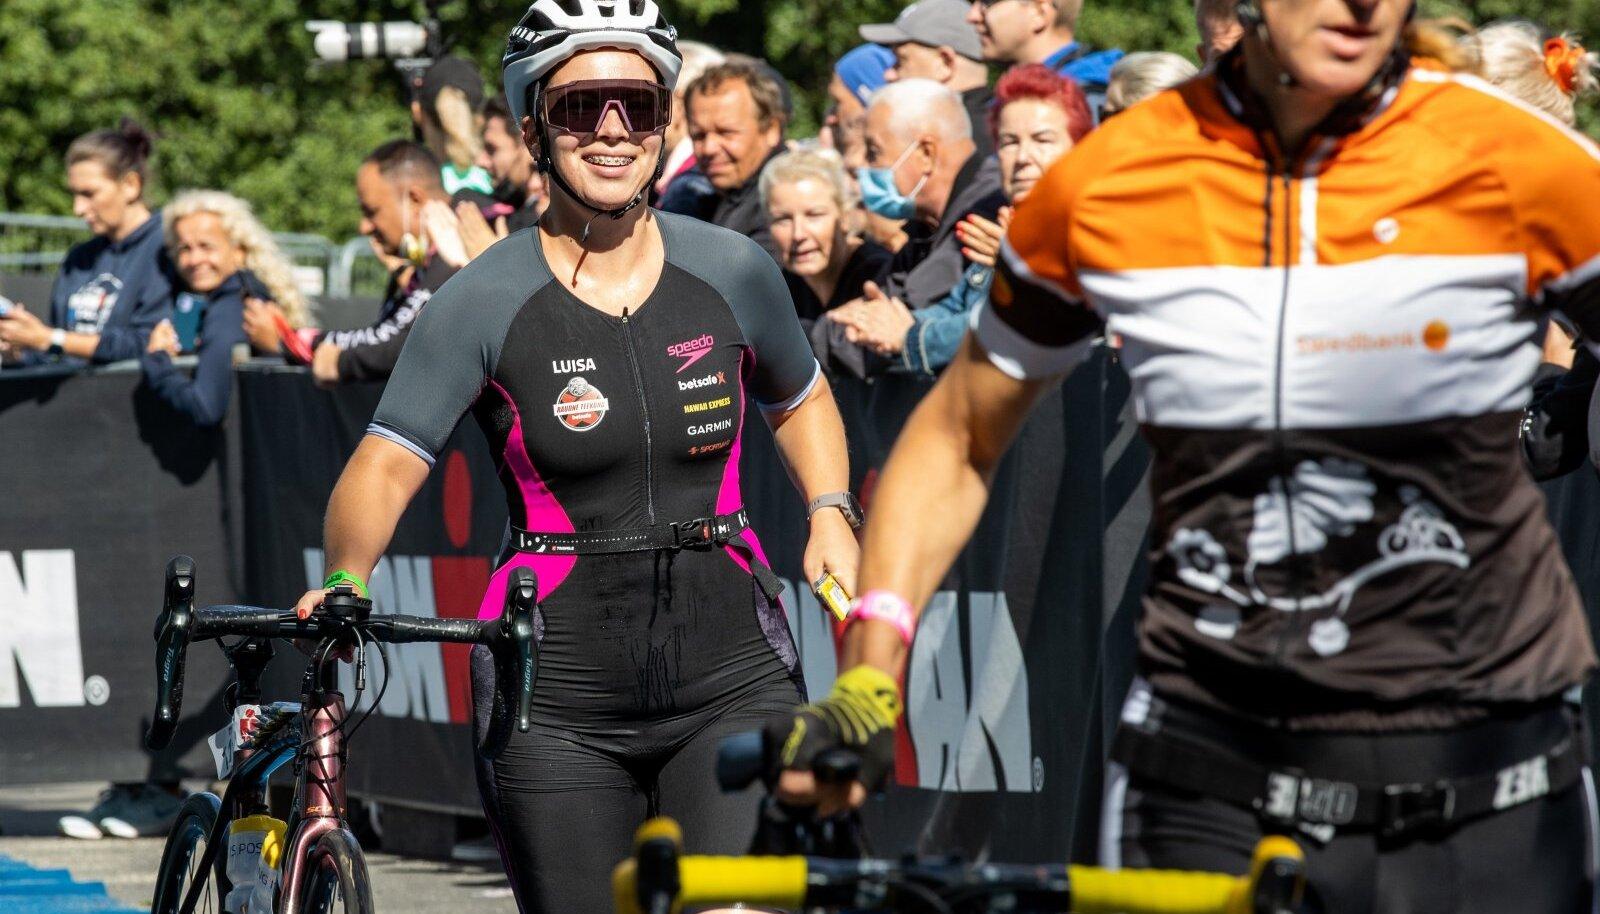 Ironman 70.3 Tallinn